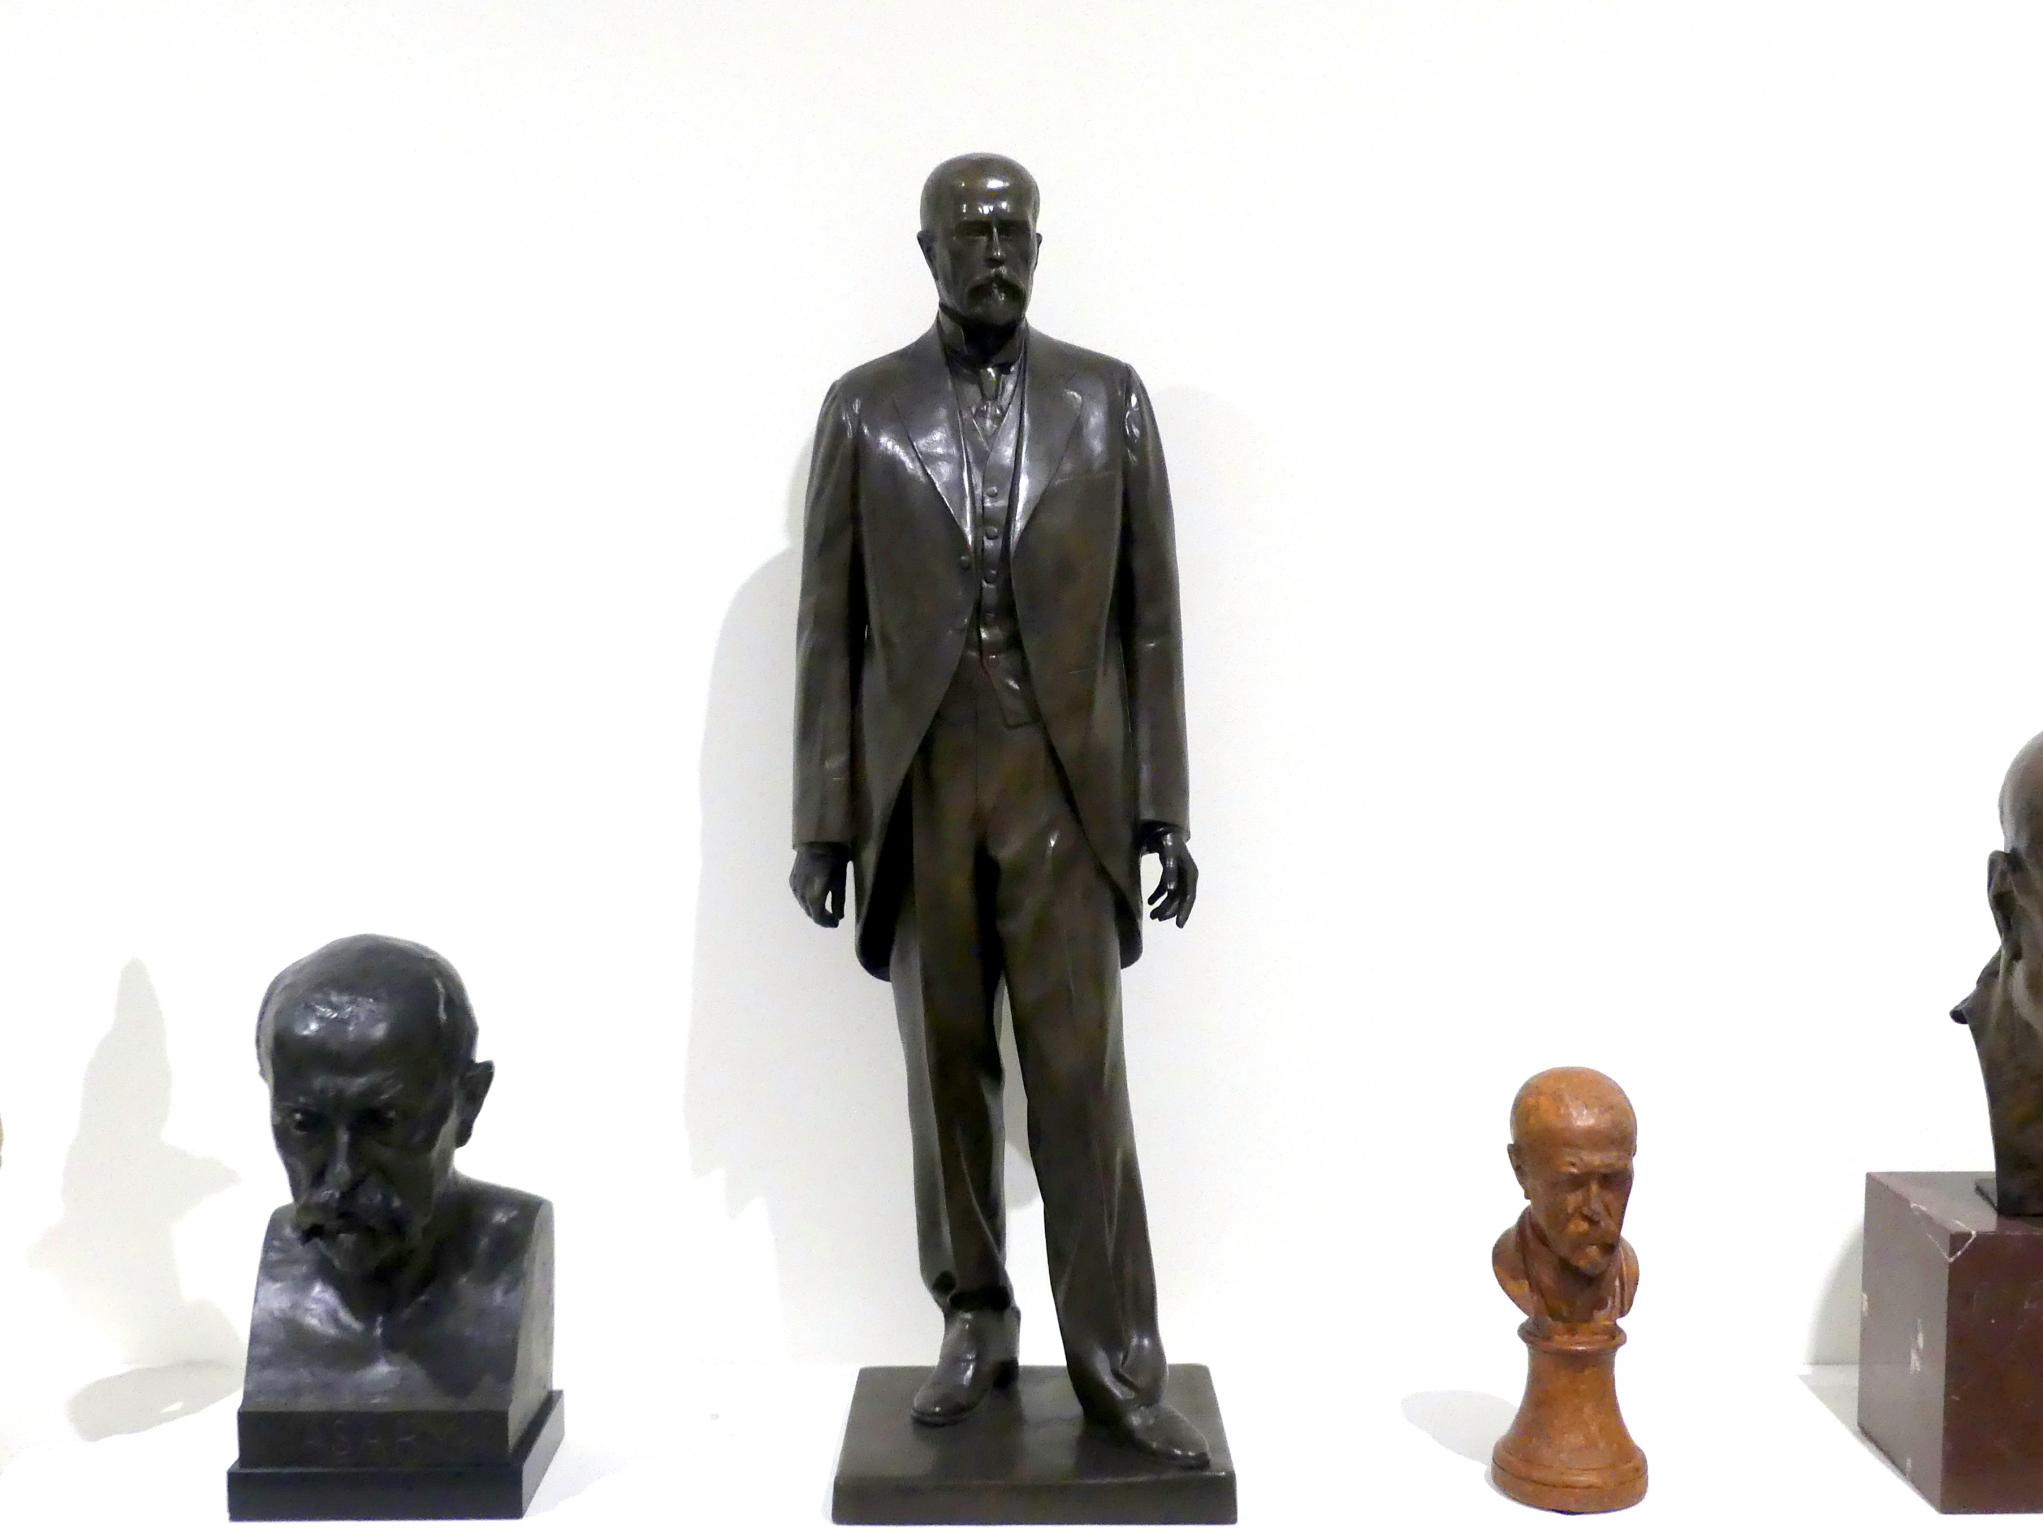 Otto Gutfreund: Entwurf für das Tomáš Garrigue Masaryk Denkmal in Hradec Králové, 1925